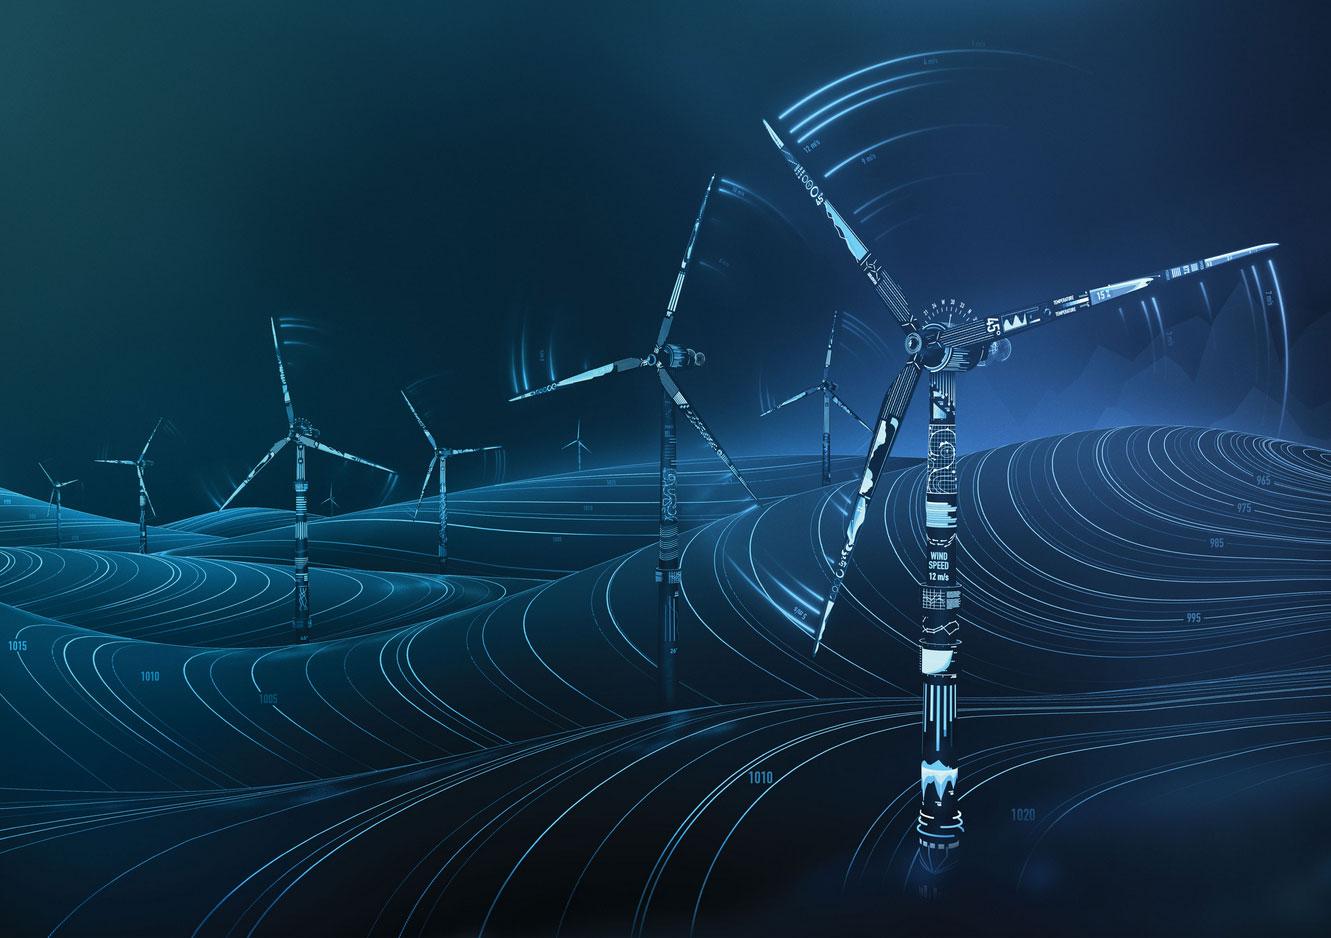 GE präsentiert erstmals erweitertes Energieportfolio auf der E-world Essen, 16. Februar 2016 – GE (NYSE: GE) präsentiert auf der E-world energy & water 2016 erstmals das erweiterte Portfolio im Energiesektor. Durch die Akquisition der Energiesparten von Alstom im November 2015 tritt GE nun als Komplettanbieter mit dem breitesten Angebotsspektrum in den ...